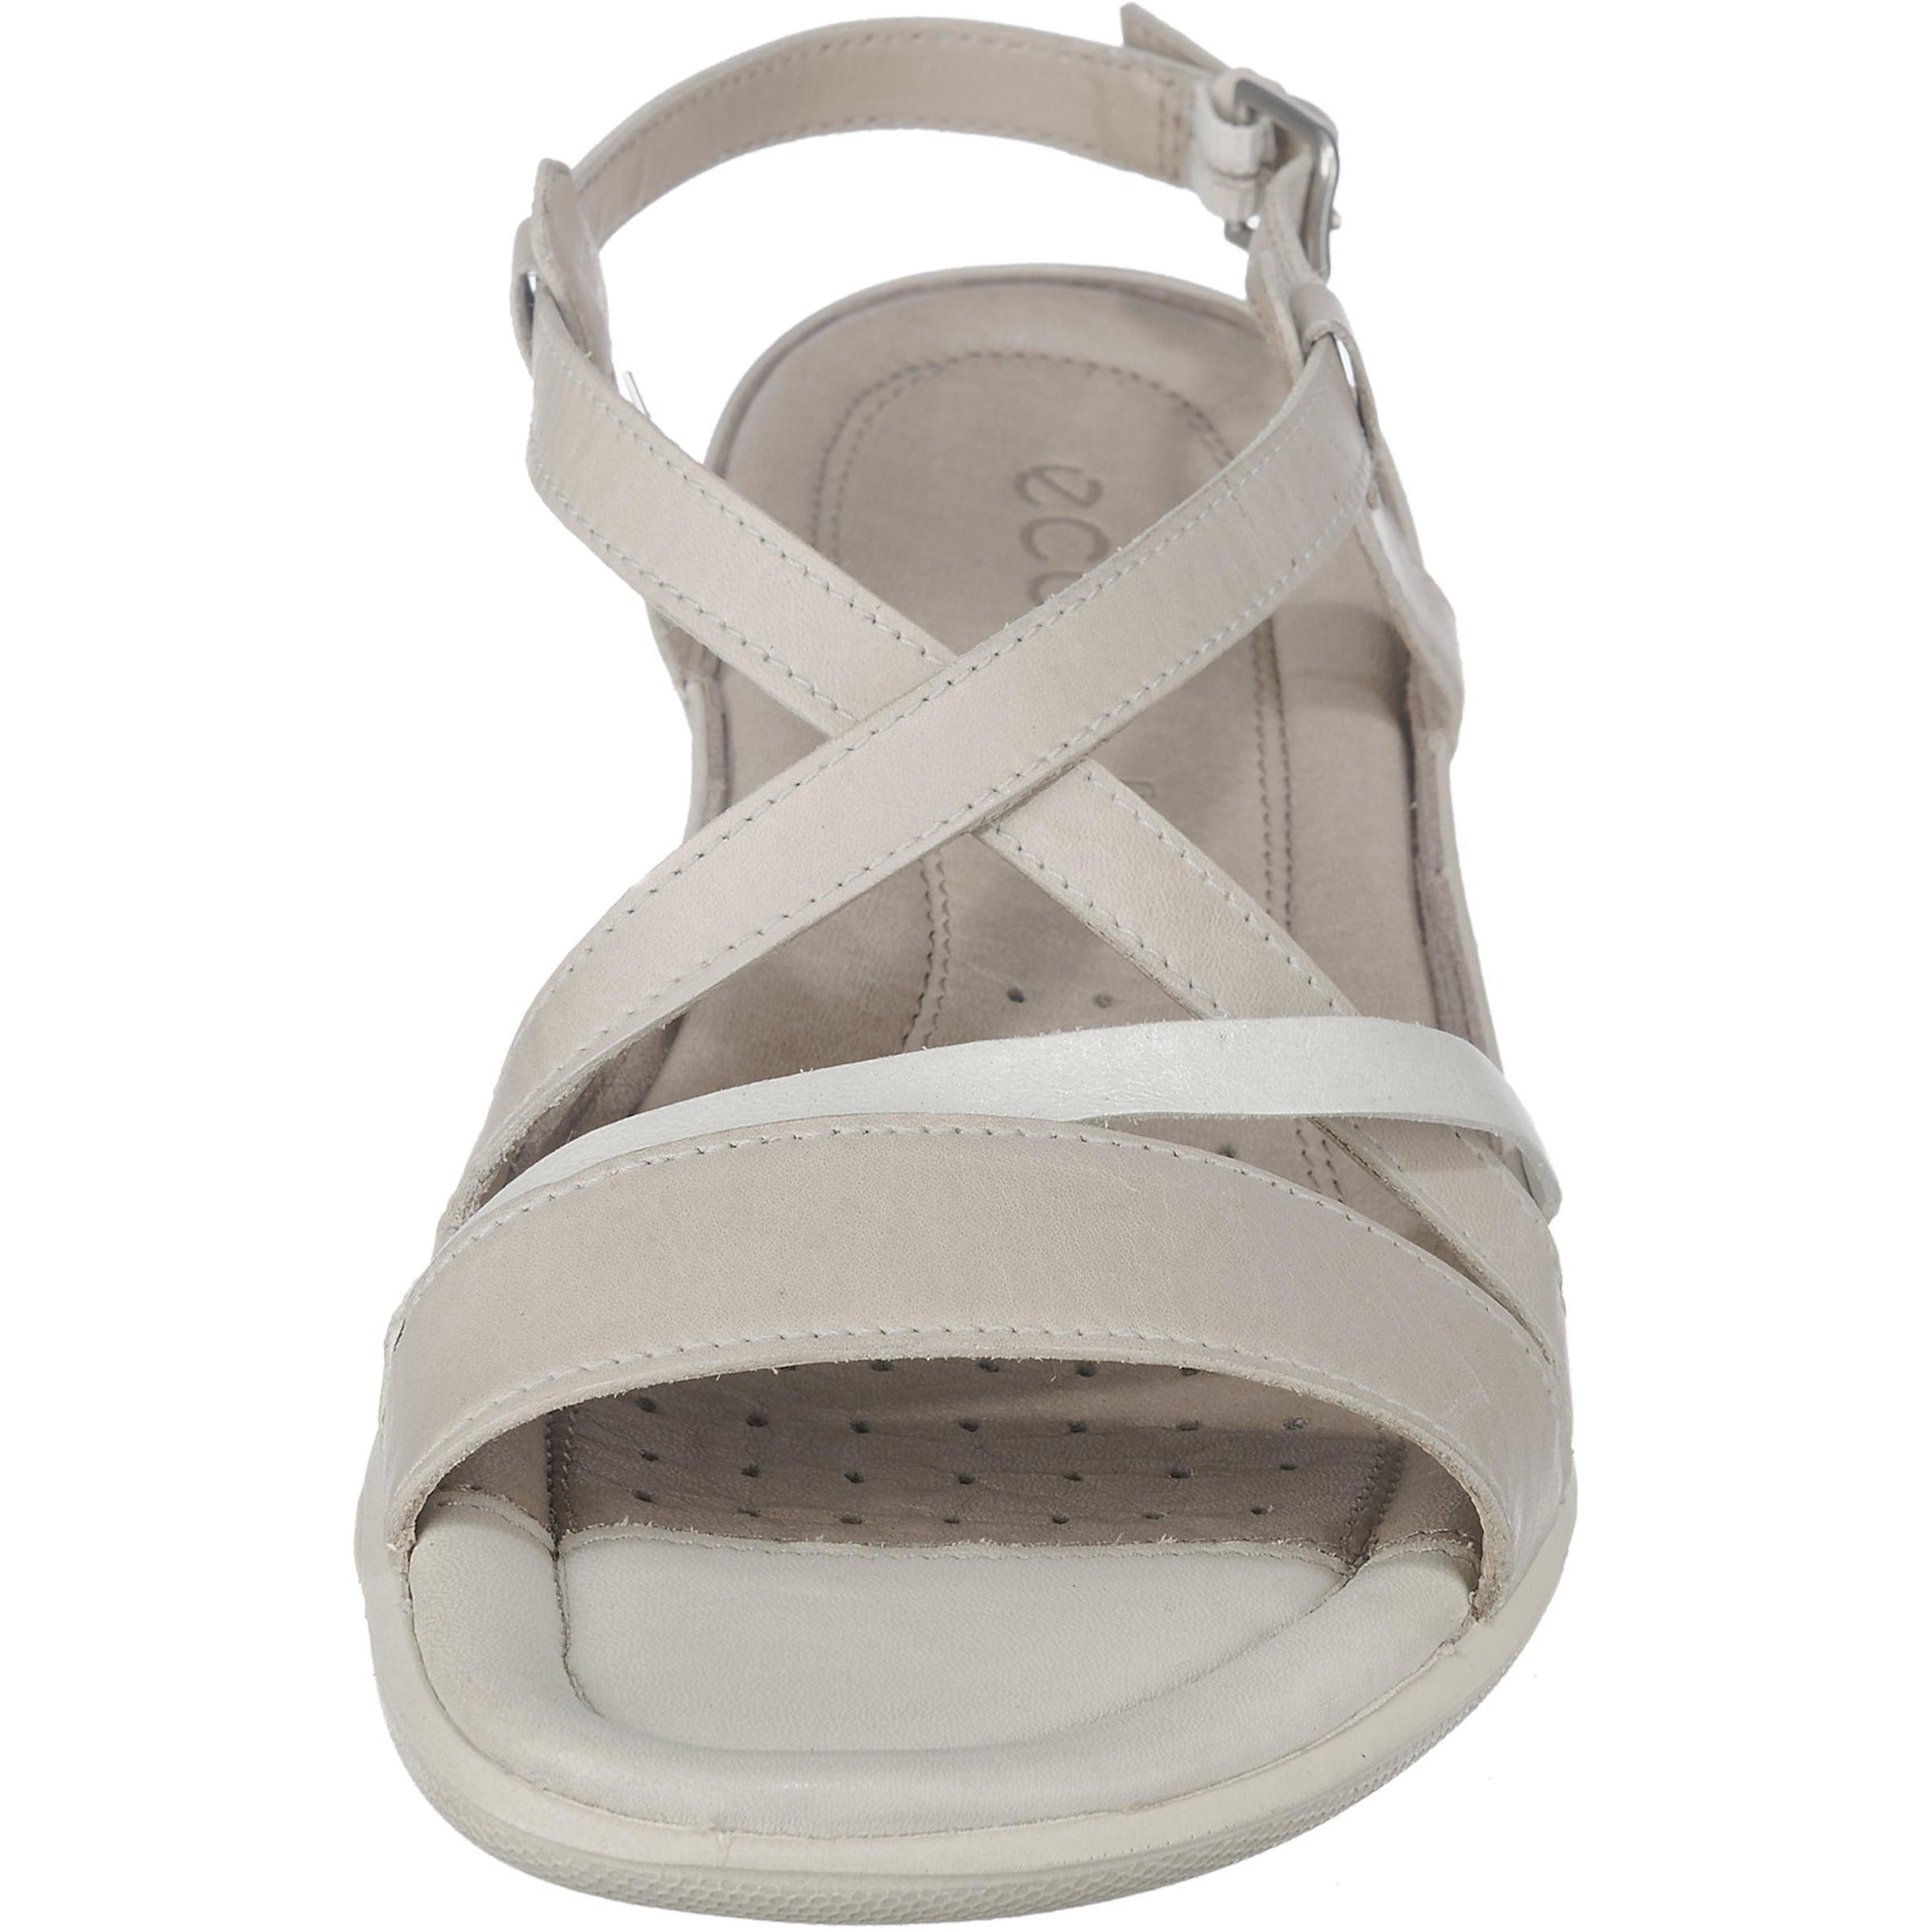 Wählen Sie Eine Beste Günstig Online Klassisch ECCO Flash Sandaletten Auslass Niedriger Preis Spielraum Erstaunlicher Preis Auslass 2018 Neu mpQoHE4LtM